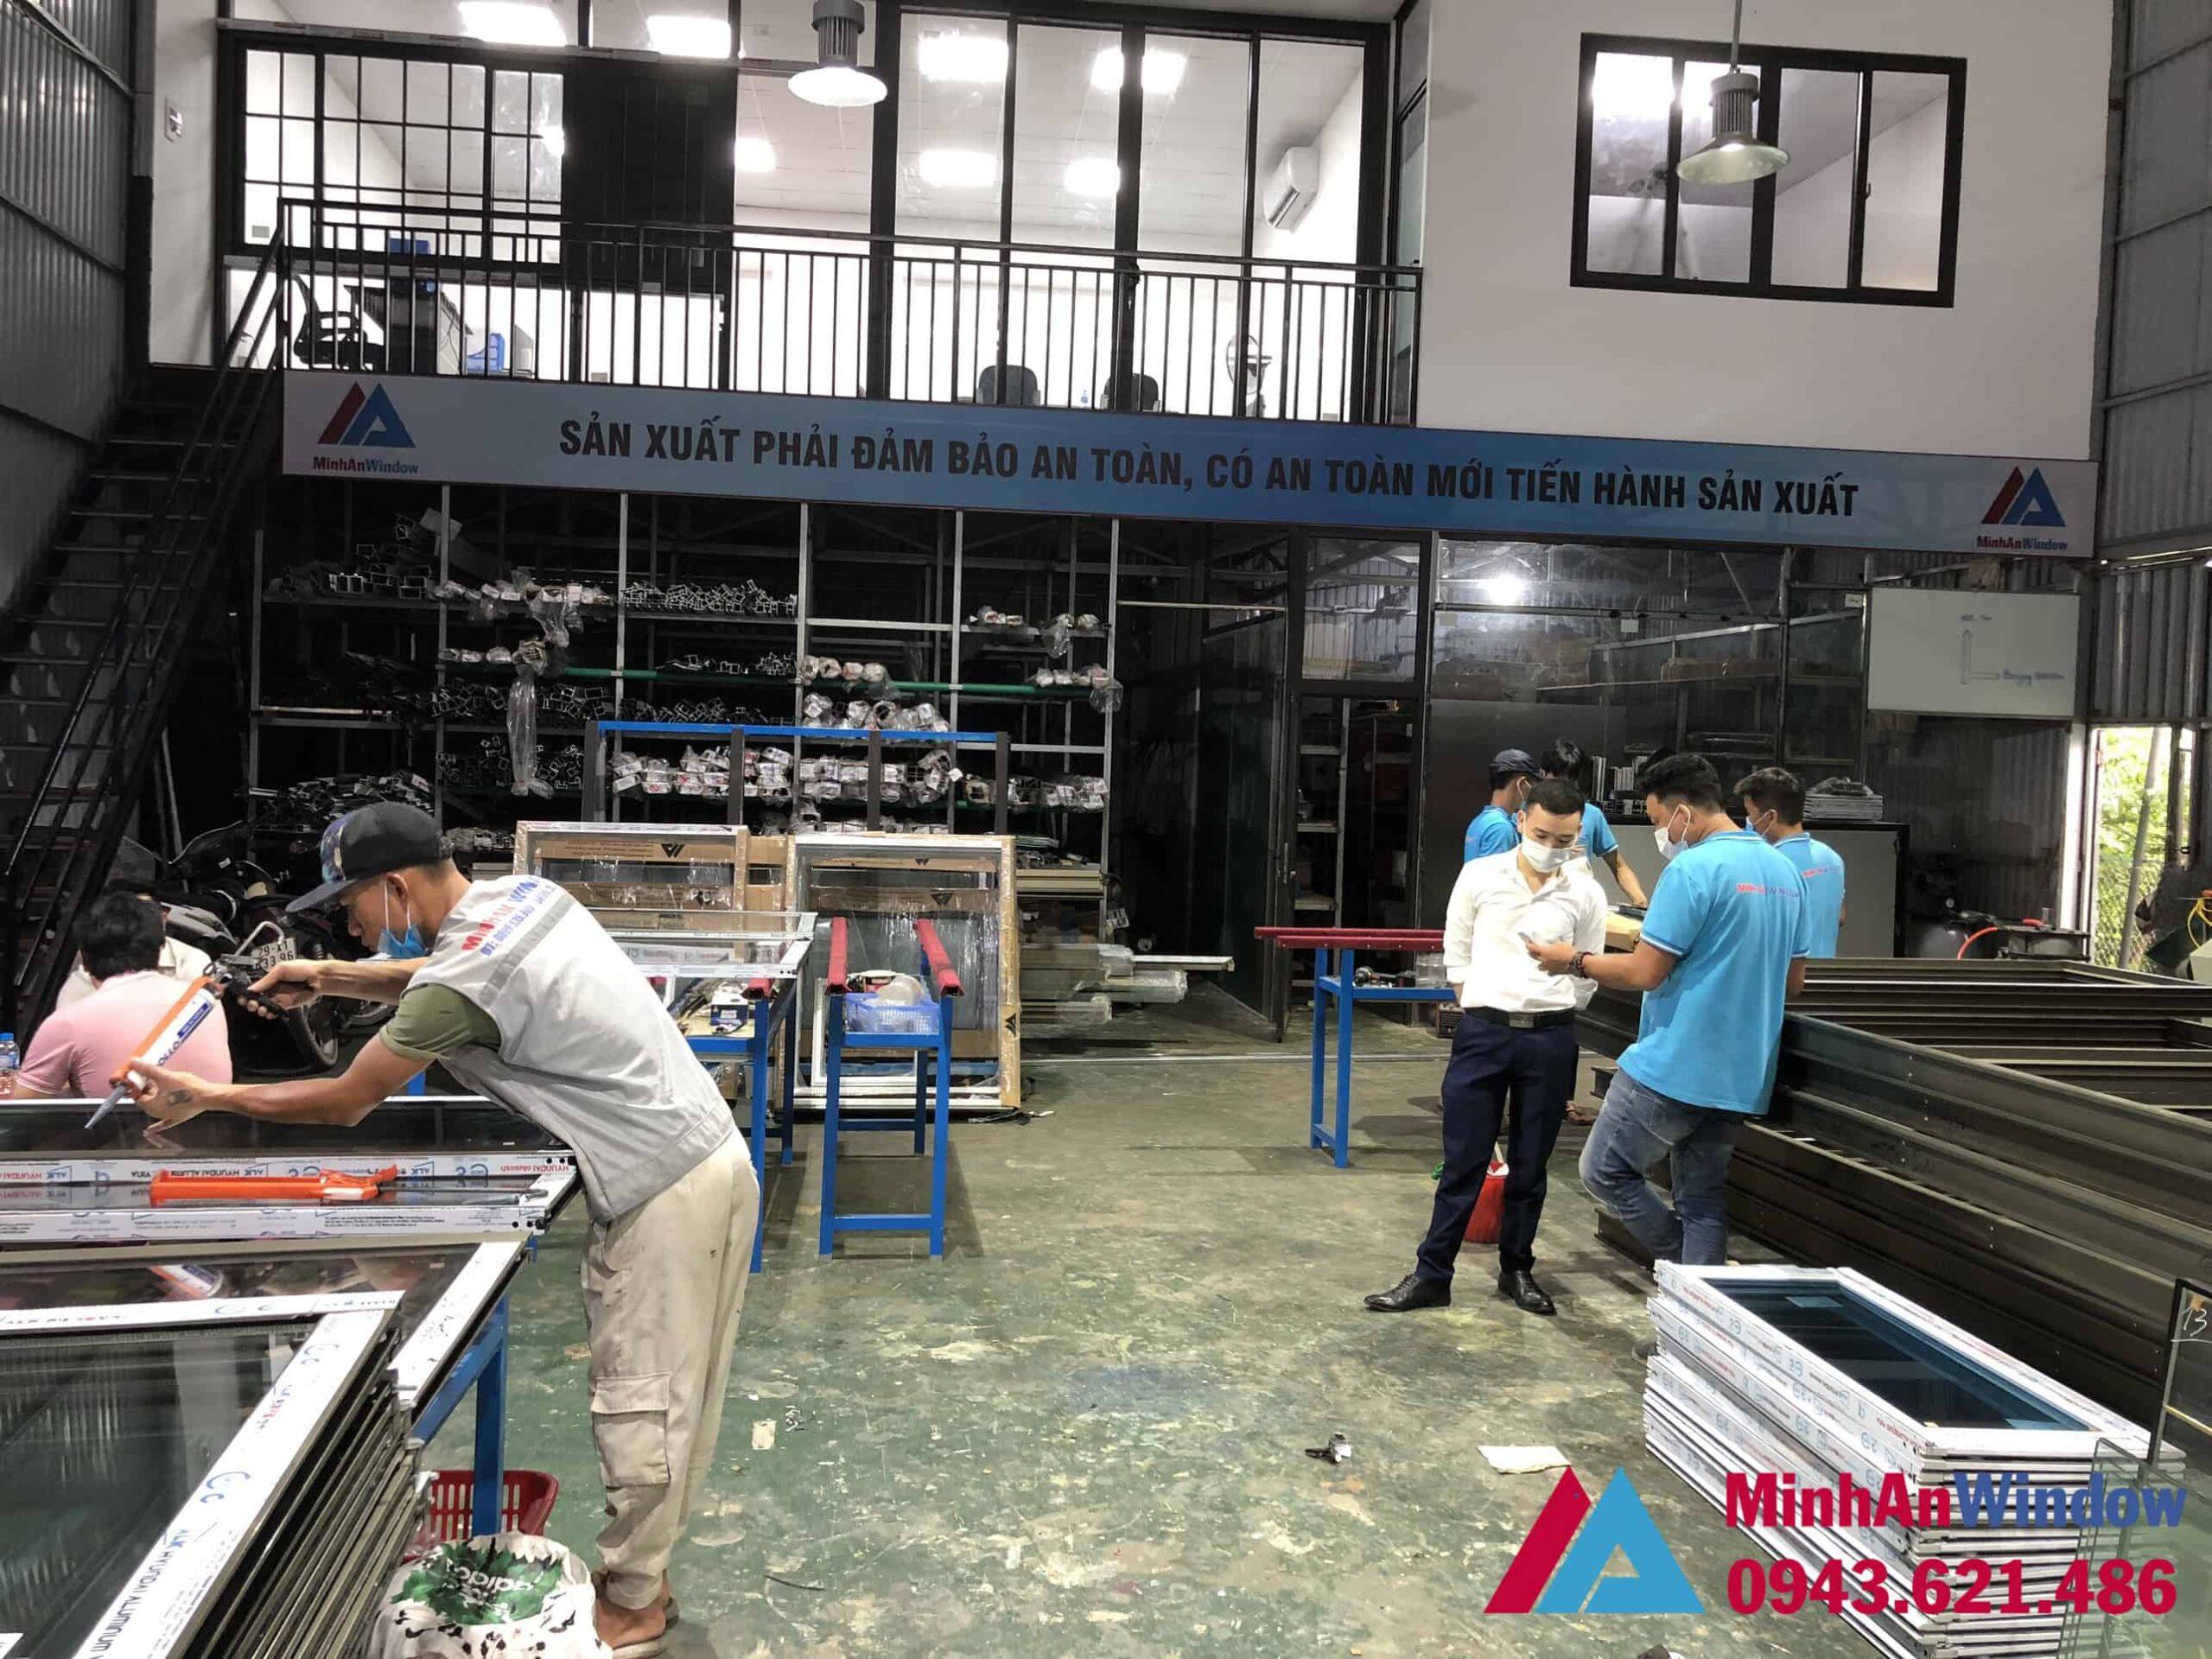 Minh An Window sản xuất cửa nhôm kính cho KCN Tân Quang - Hà Nội